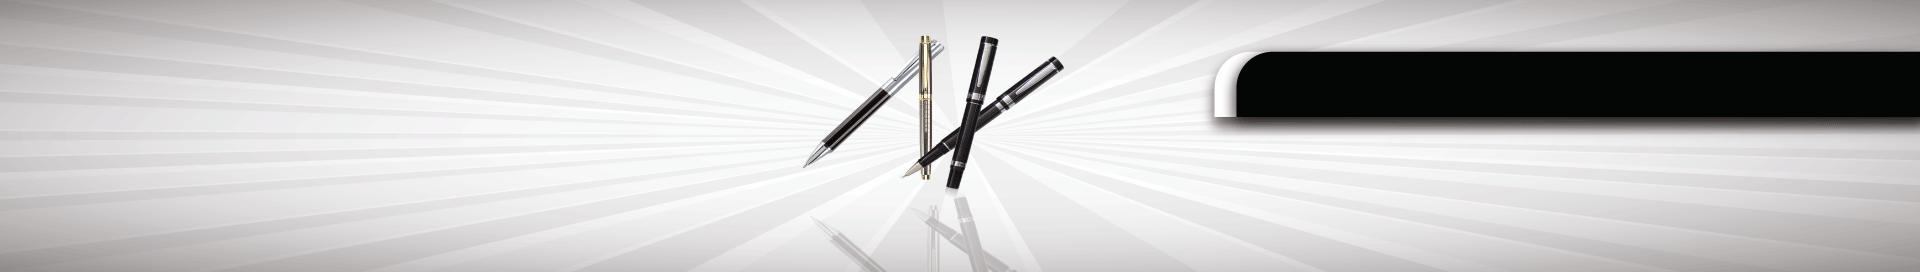 עטי מתכת/עטים יוקרתיים וחריטה